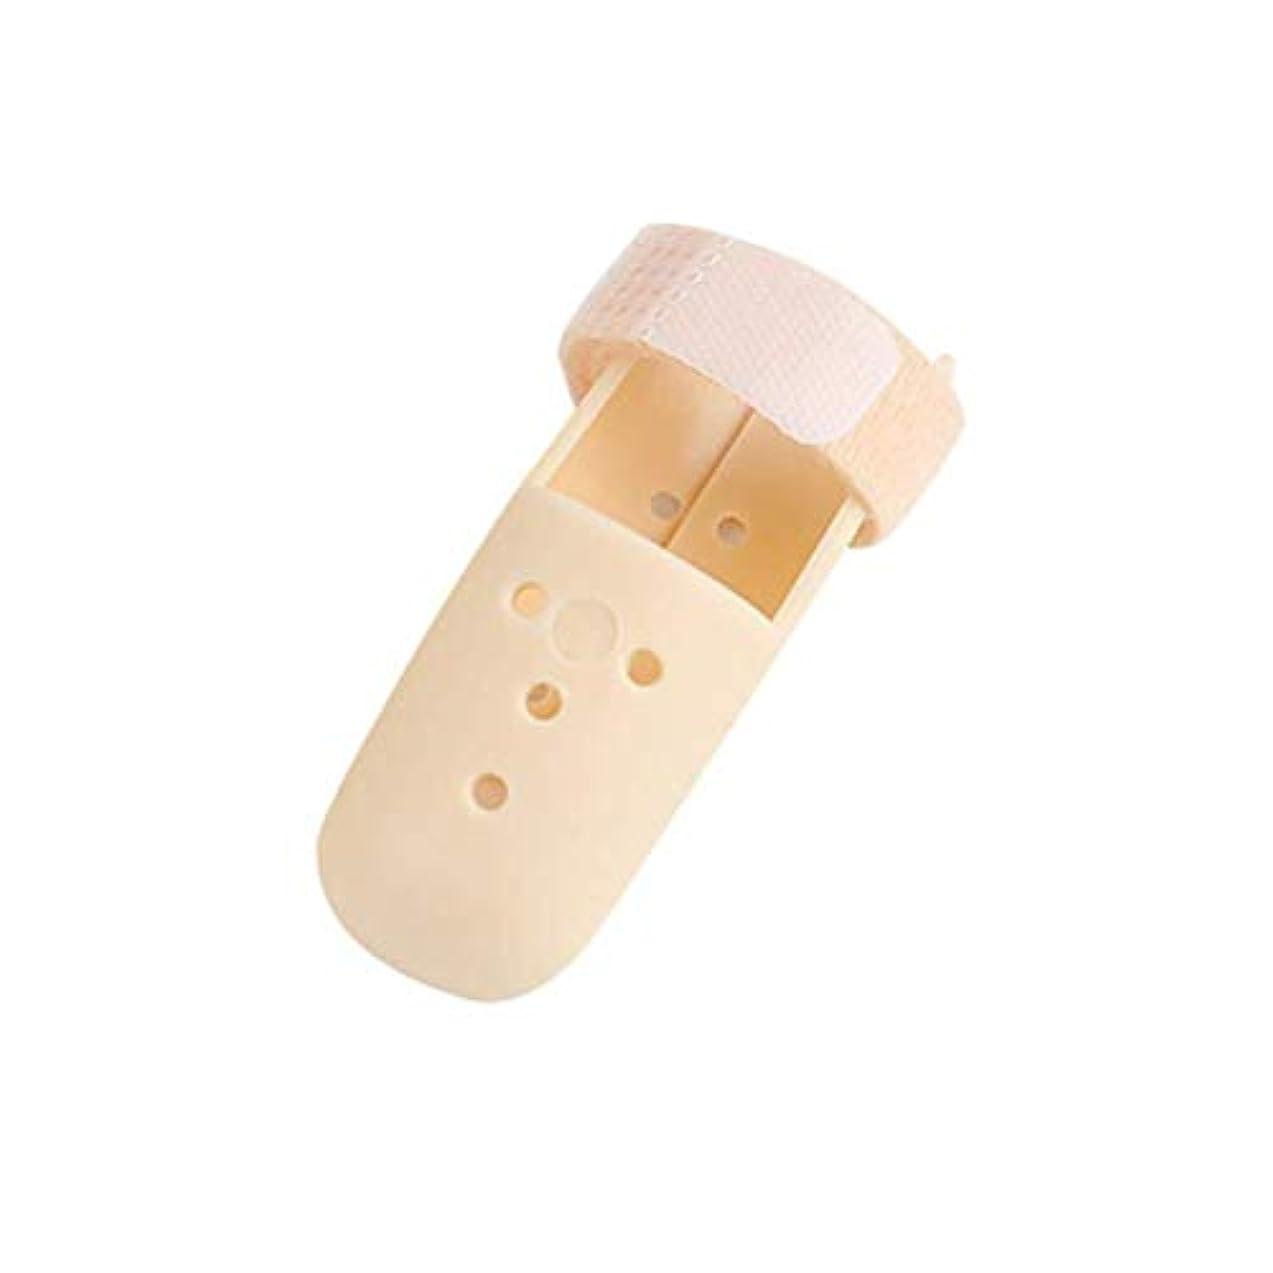 体細胞食べるスマイル指のけがのためのトリガーのための指の添え木、壊れた関節炎の指ブレース矯正指サポートプロテクター